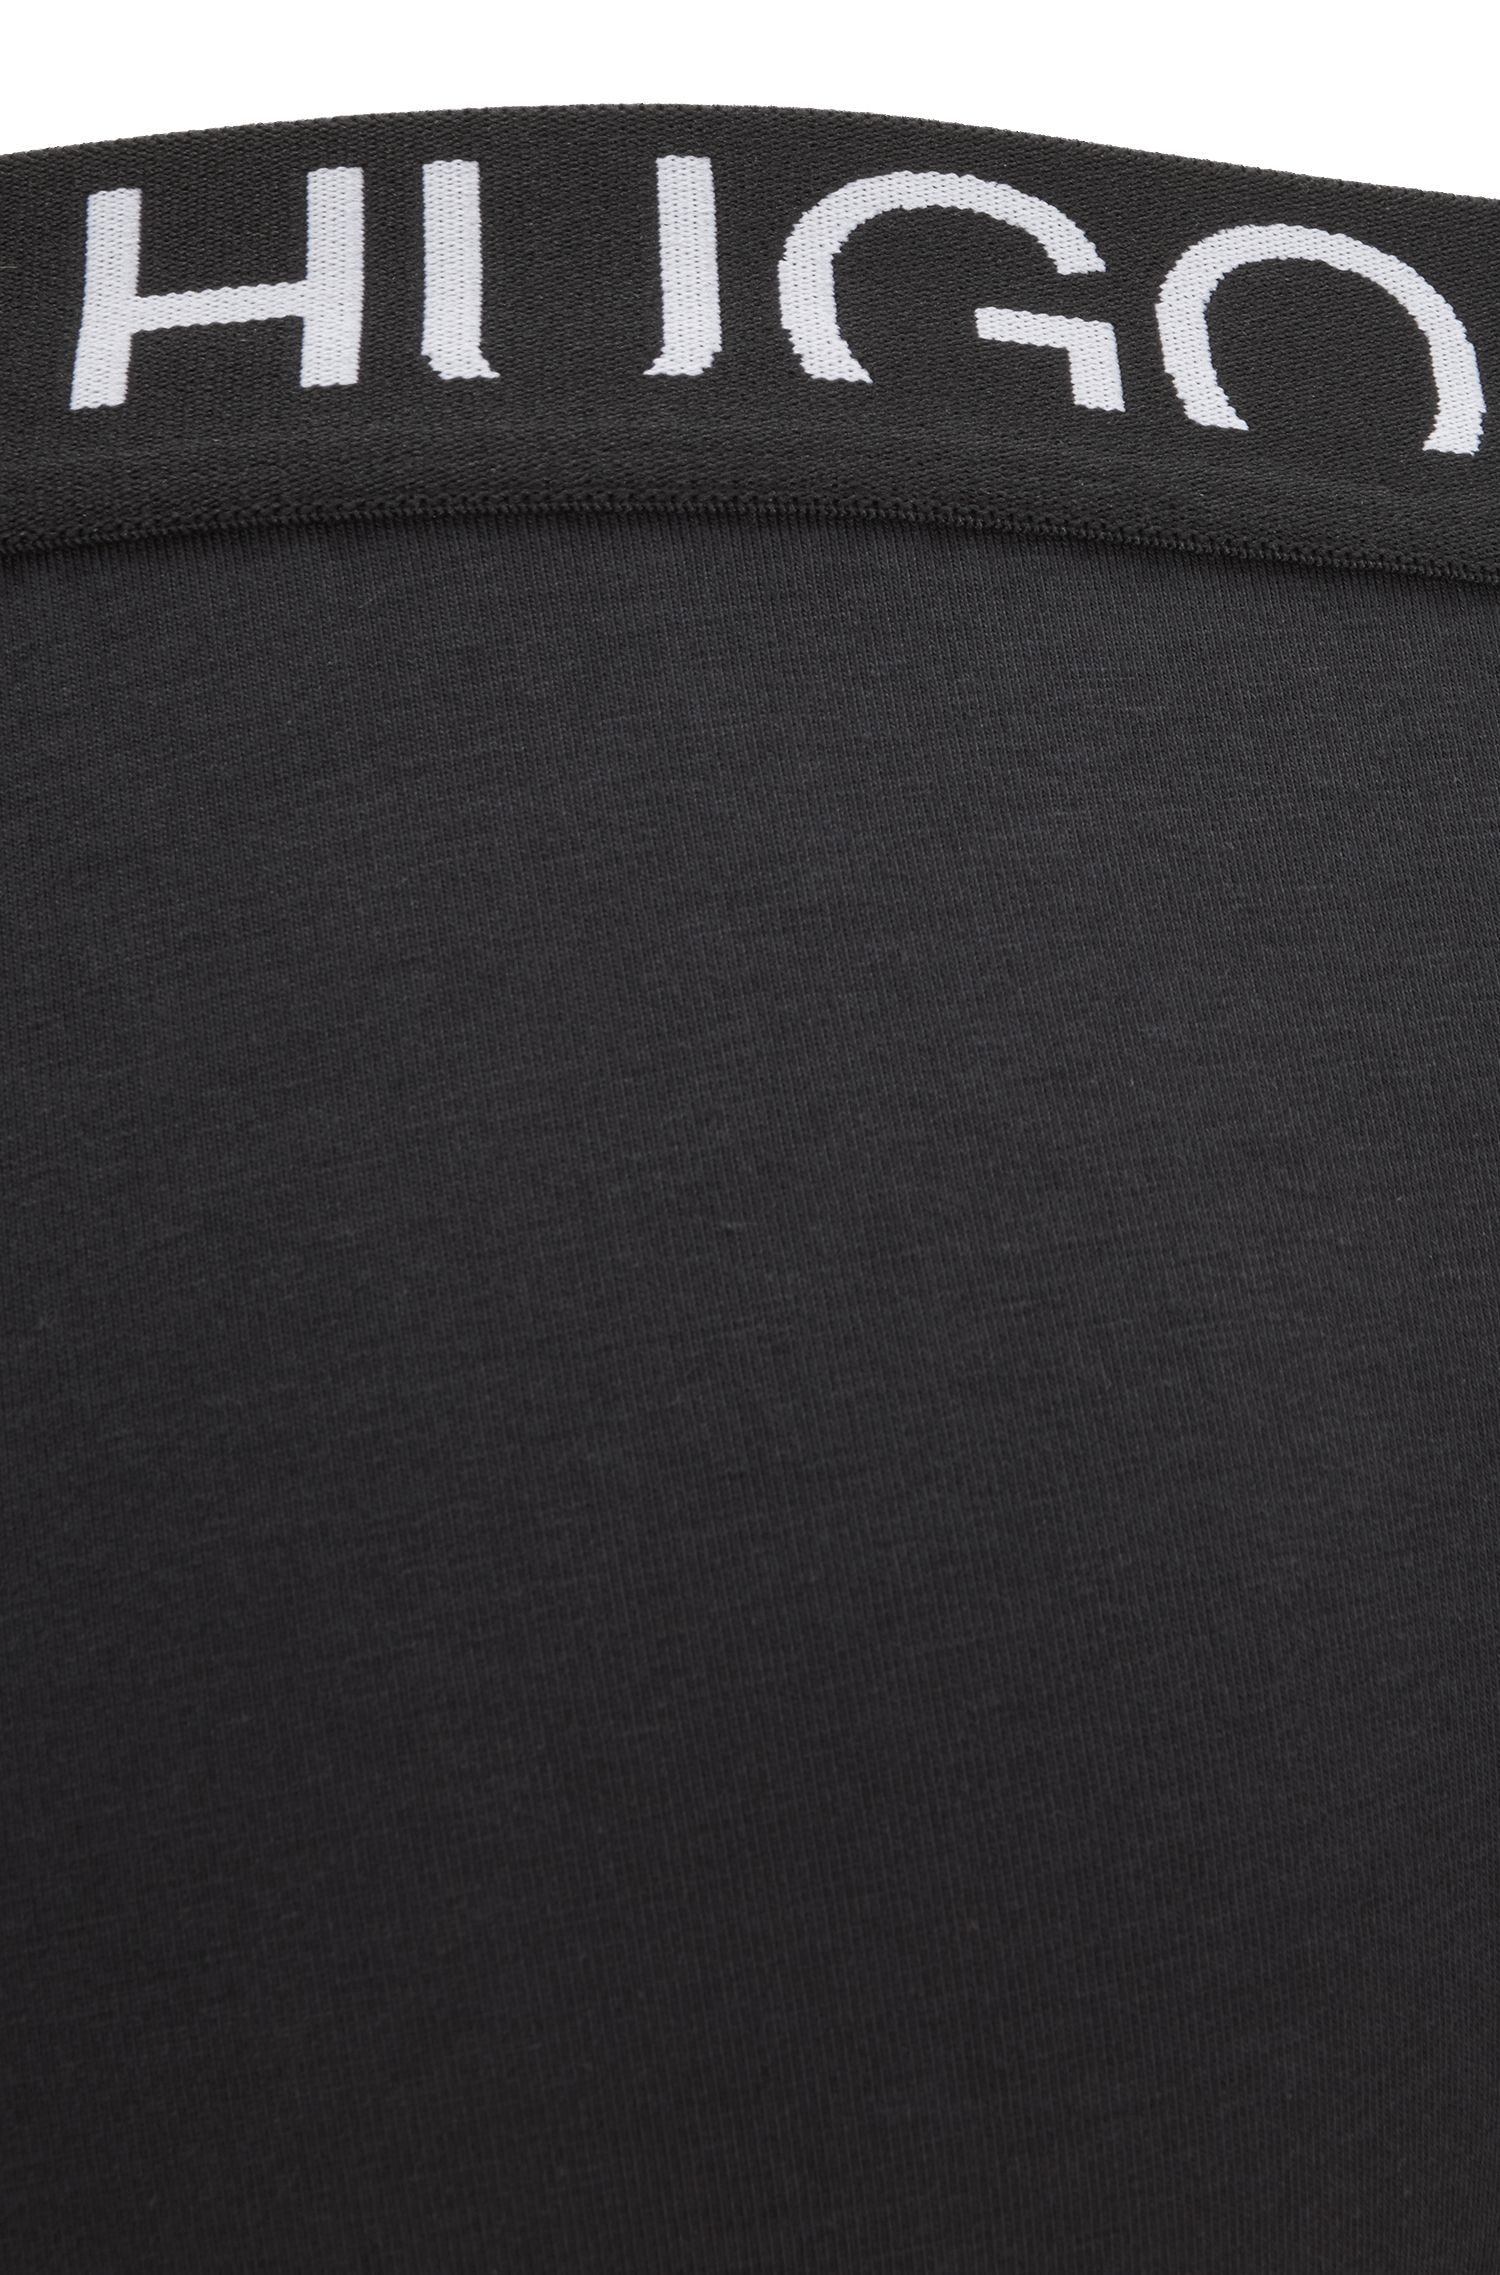 Slip van single jersey met afgesneden logo, Zwart